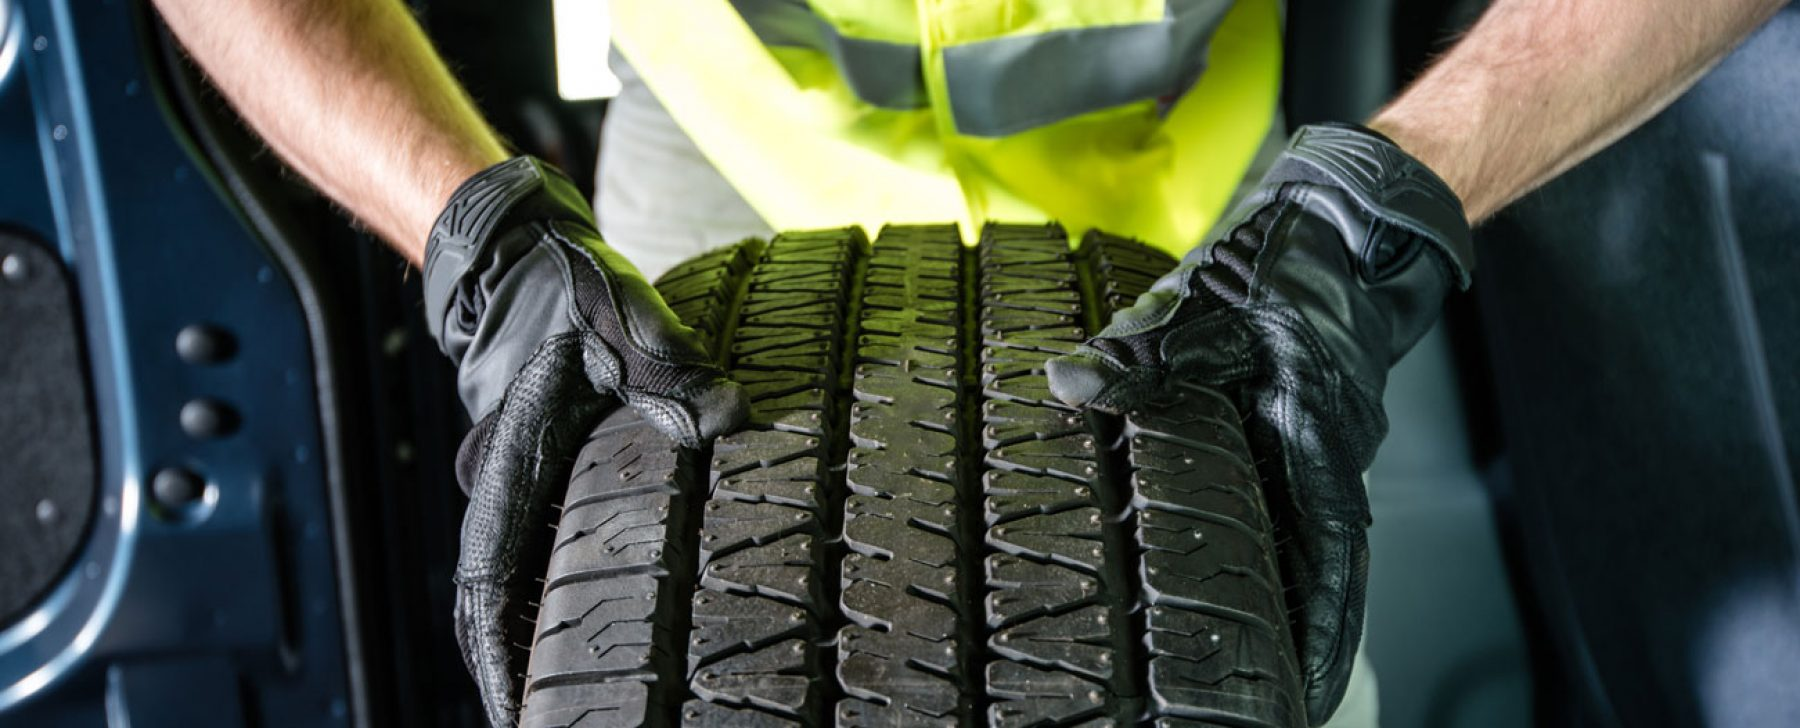 Cómo mantener la presión de aire de los neumáticos en el nivel recomendado por el fabricante